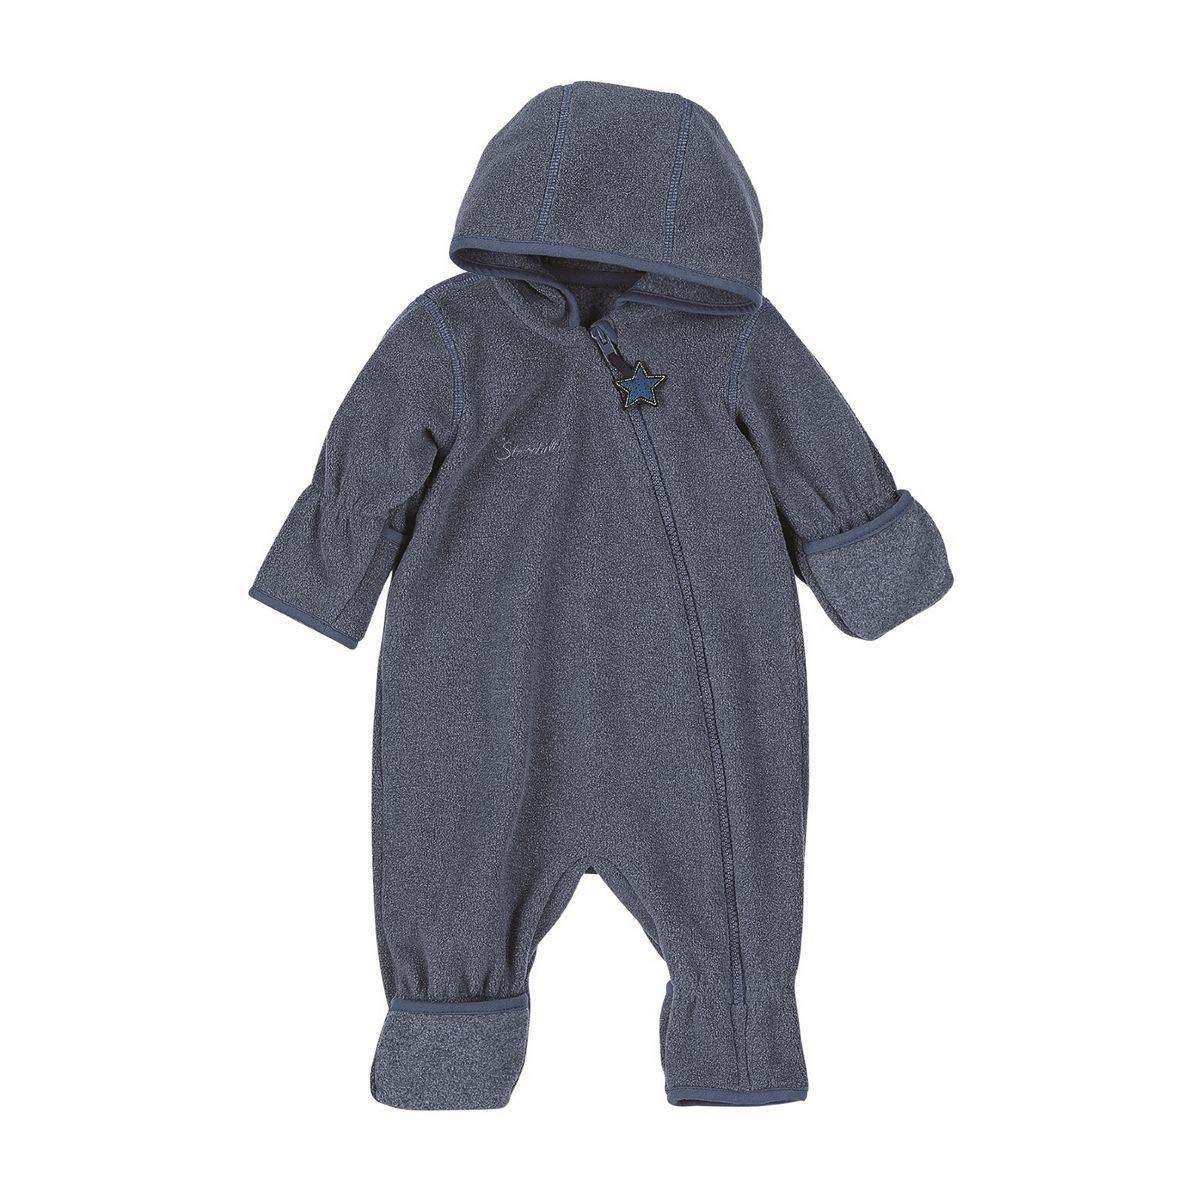 ranrann Baby M/ädchen Badeanzug UV Schutz Polka Dots Bademode Einteiler Tankini Bikini Set S/äugling Badebekleidung Schwimmanzug 0-3 Jahre